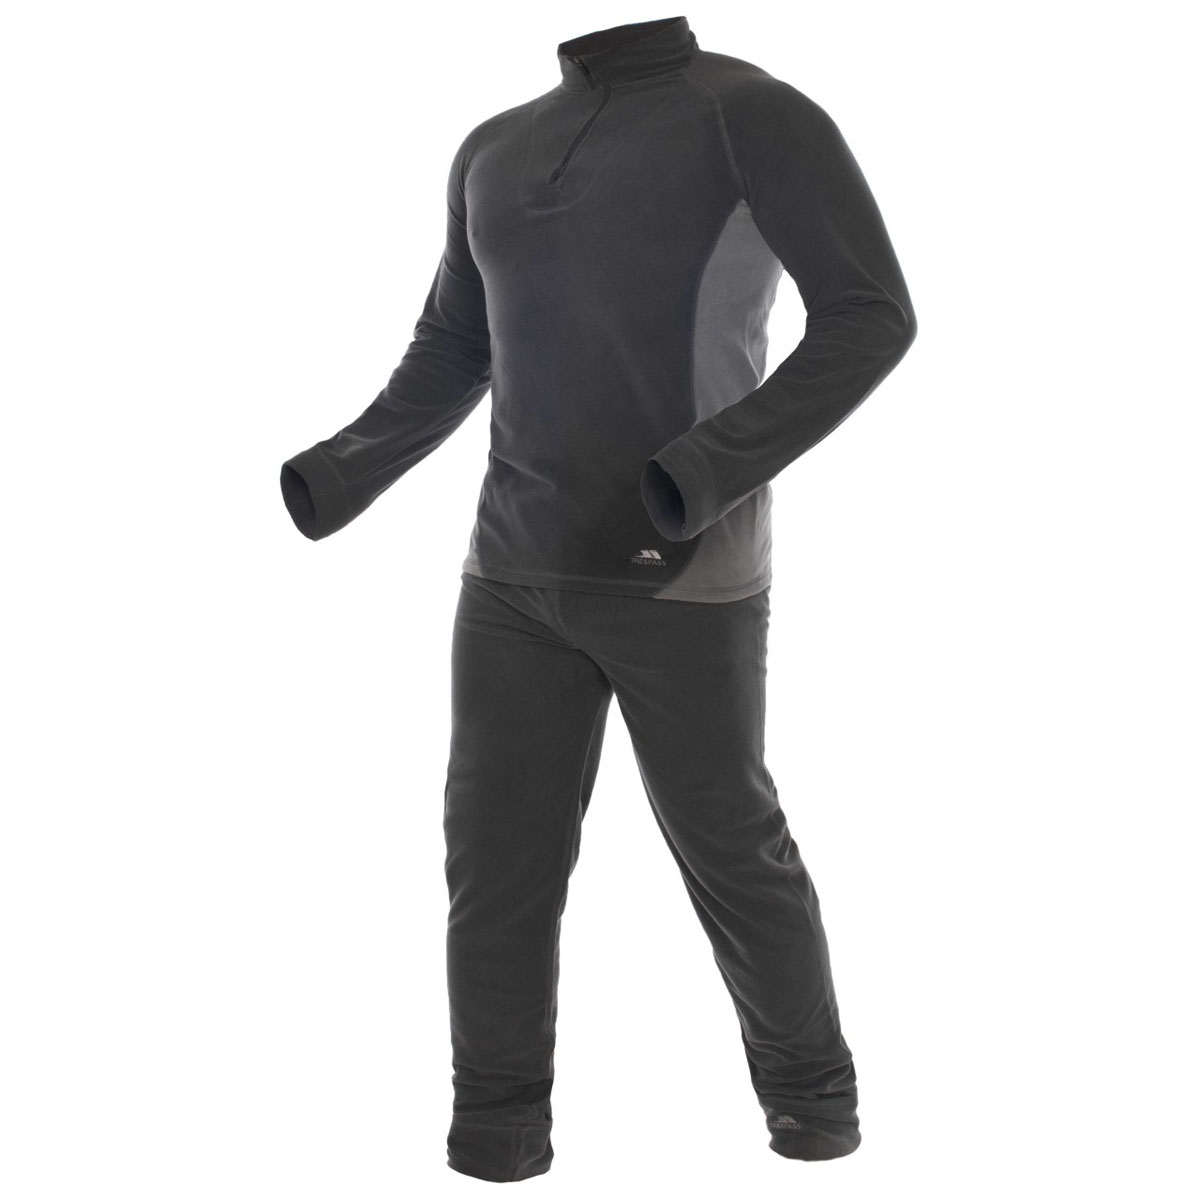 Термобелье Trespass Thriller: кофта, брюки, цвет: темно-серый. UABLSEF20001. Размер S (48)UABLSEF20001Комплект термобелья Trespass Thriller изготовлен из полиэстера и дополнен короткой молнией. Он обеспечивает отвод лишней влаги, сохраняет тело сухим. Отлично подходит для занятия спортом.